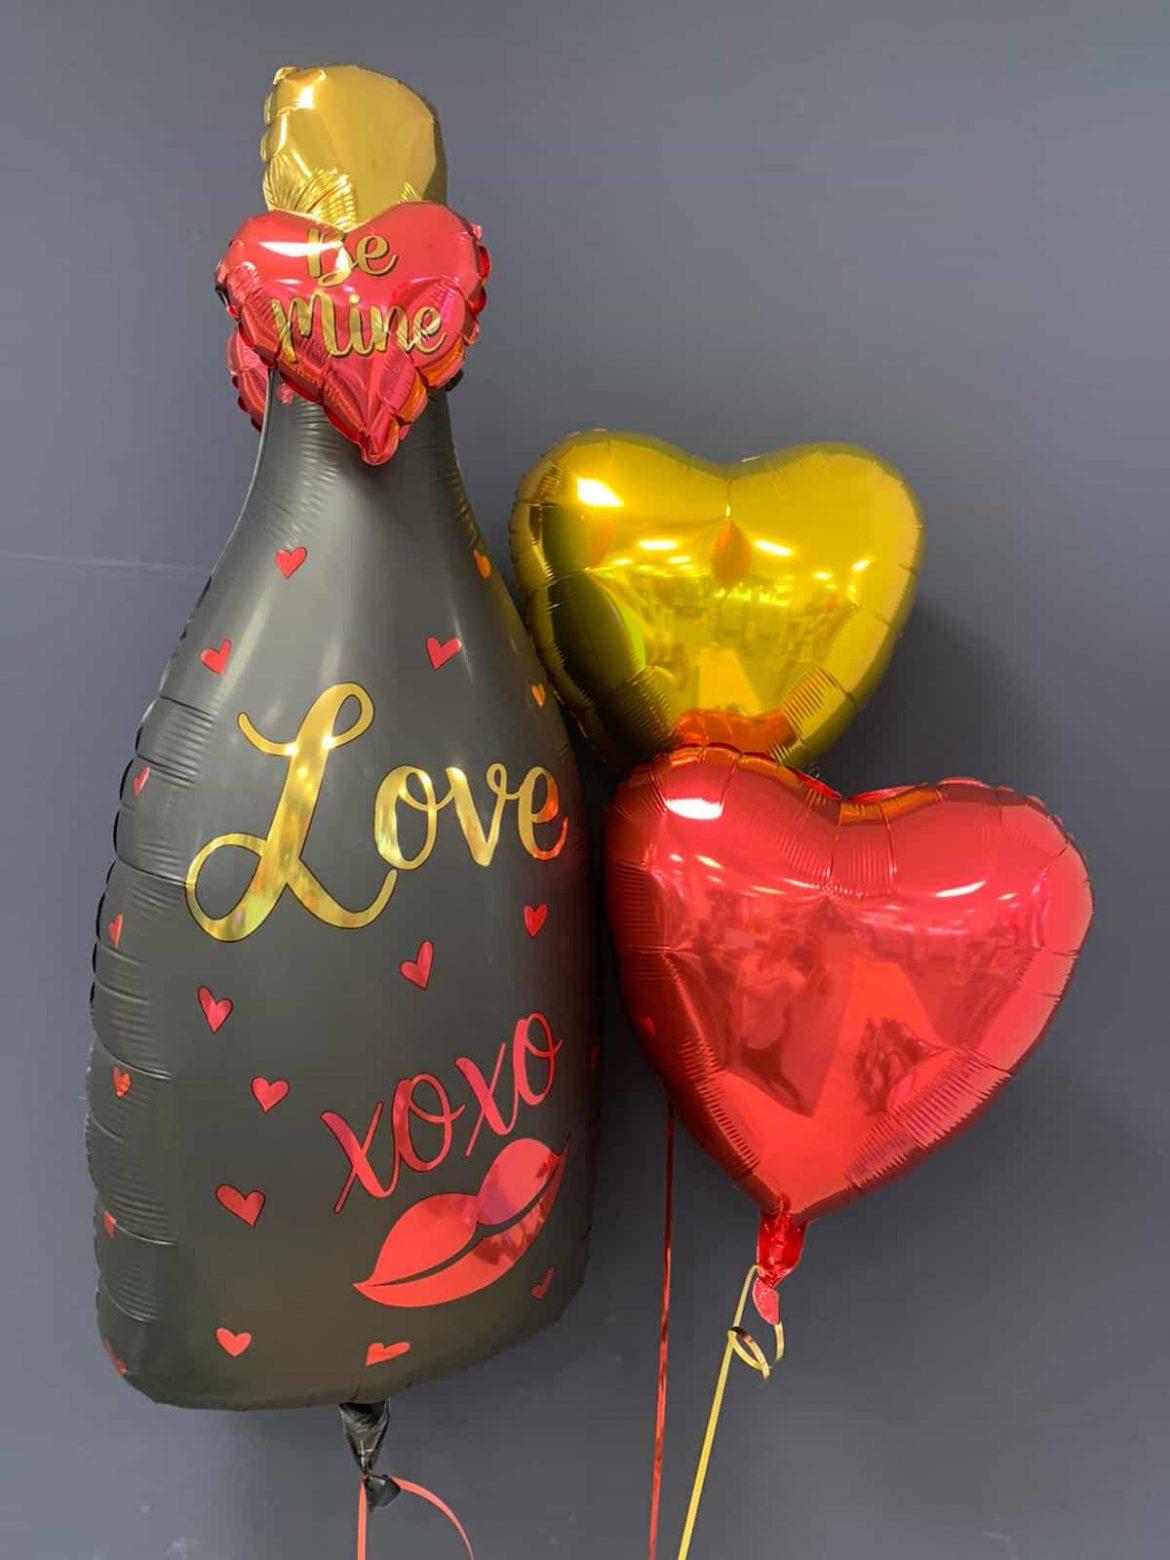 Flasche Love xoxo € 8,90<br />Dekoballons € 4,50 1